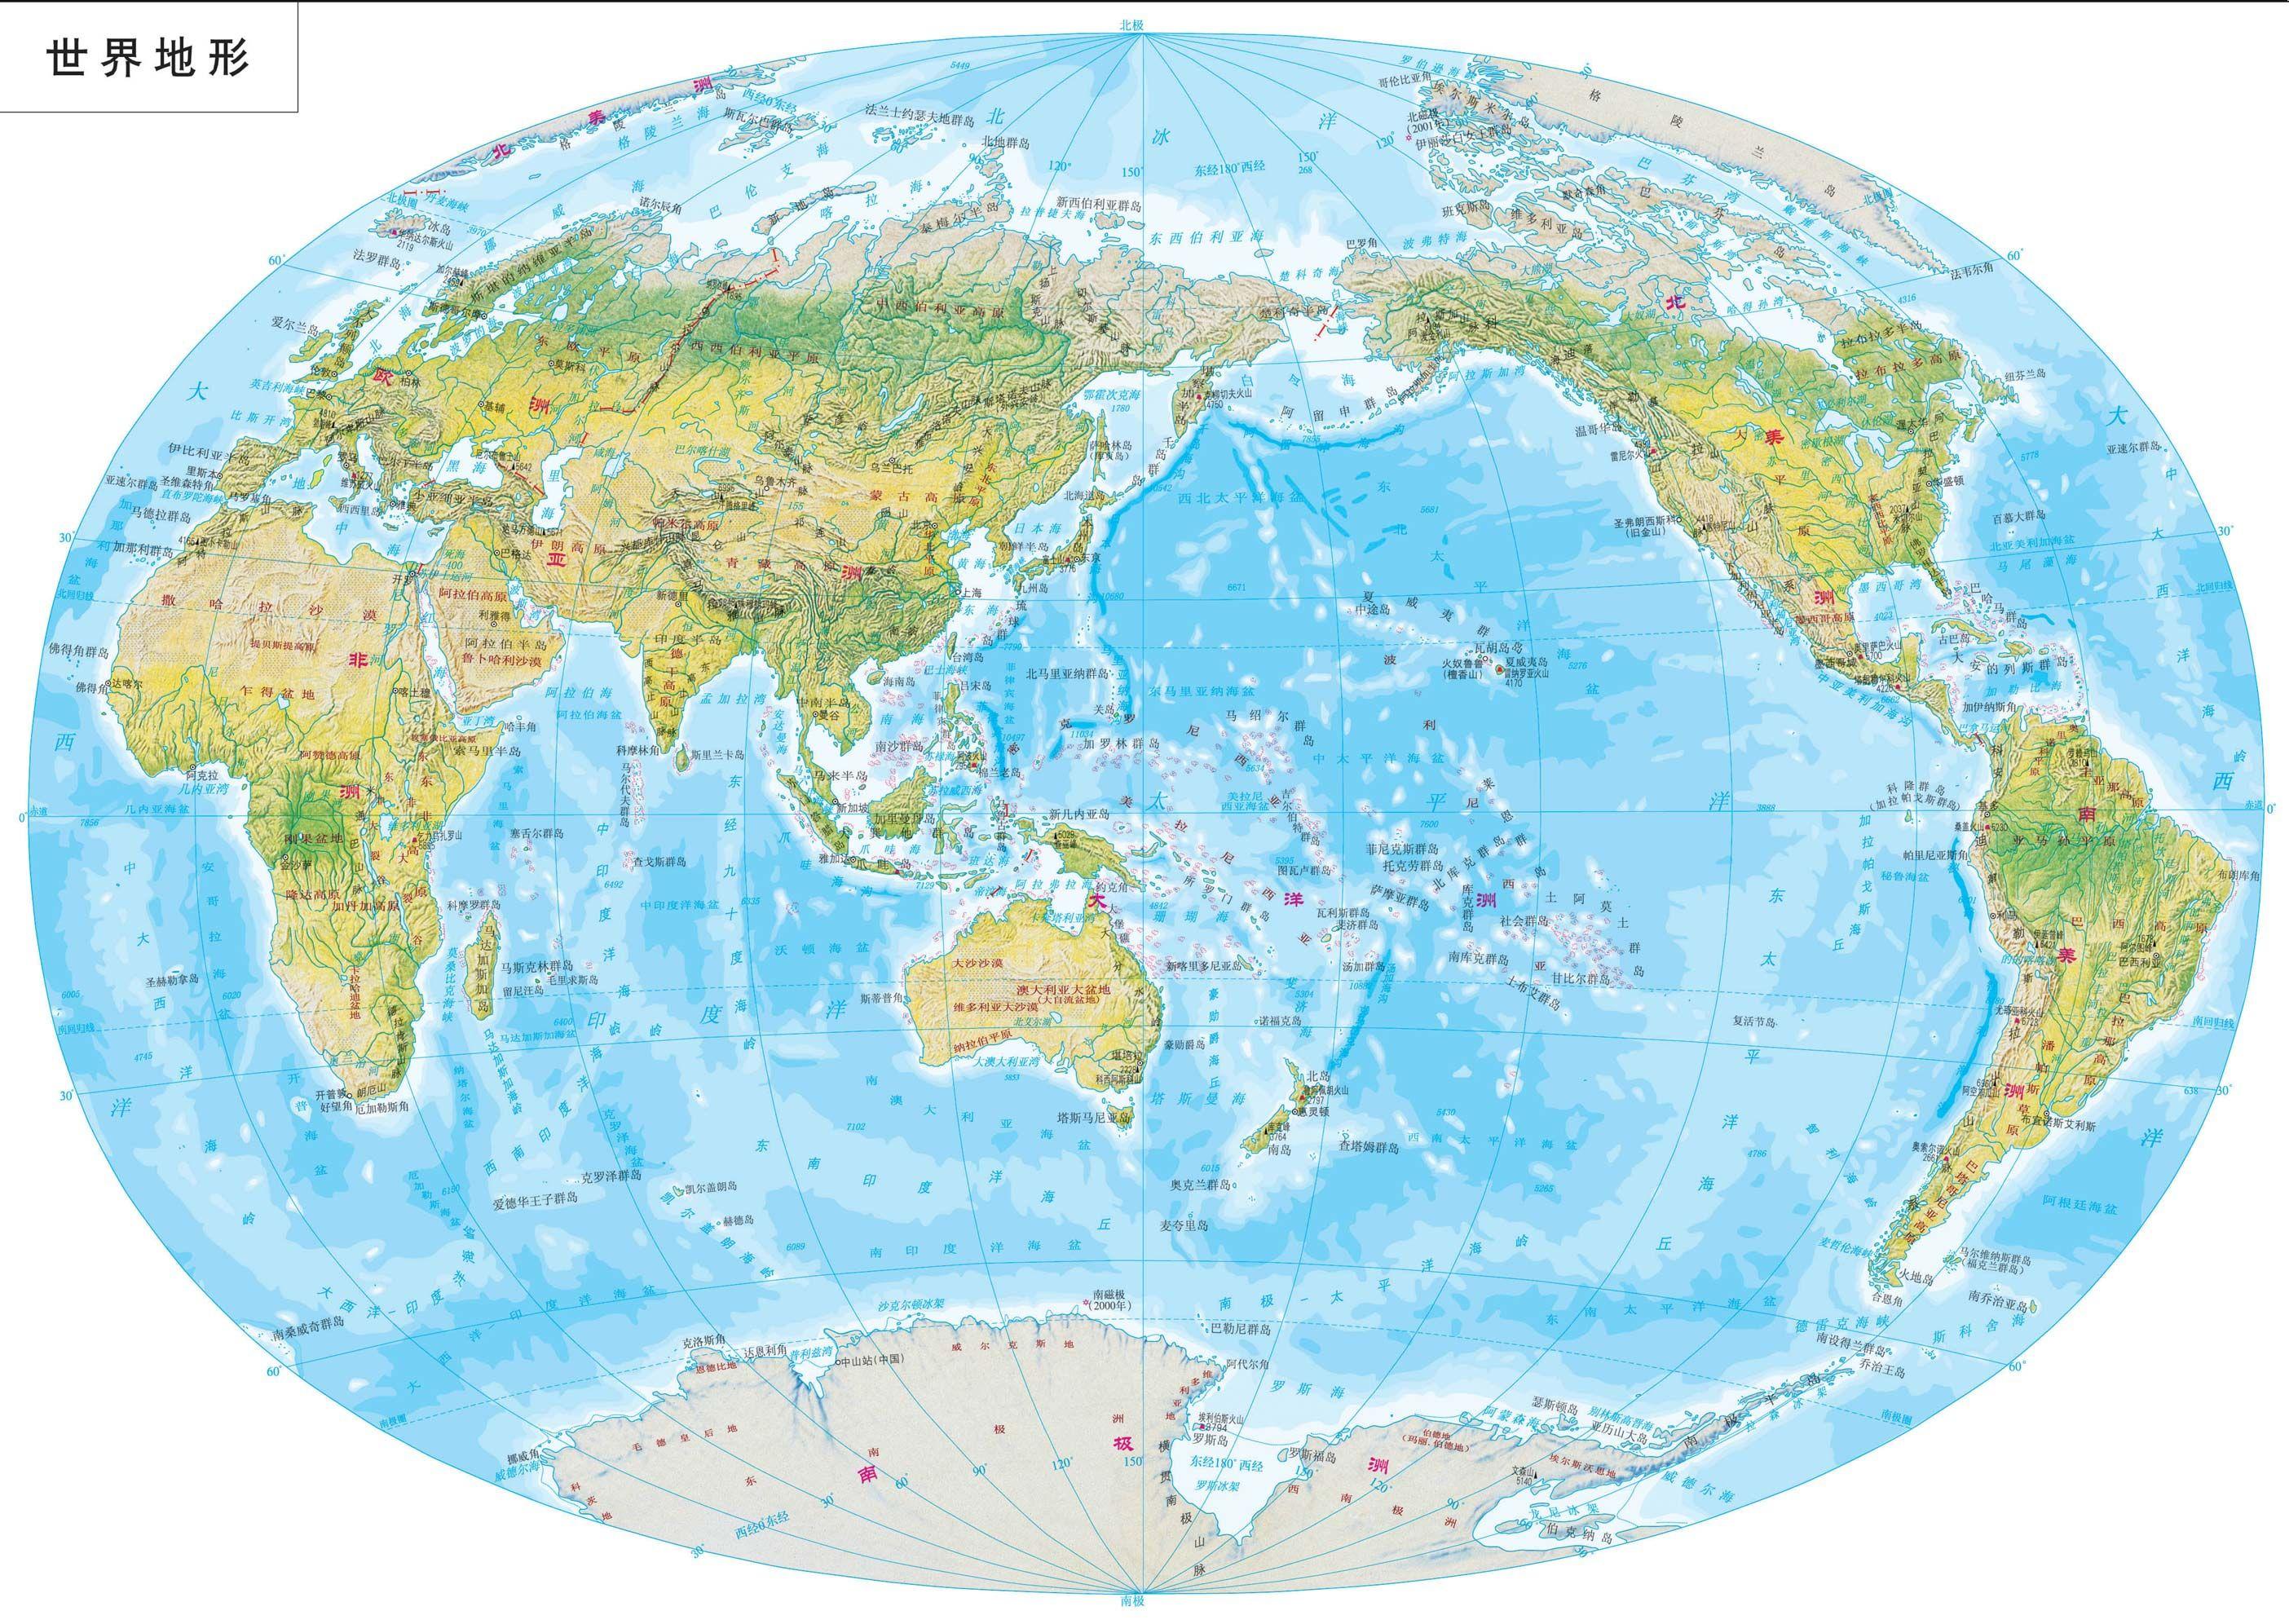 求助,想要一张世界地图的白描版或者叫空白版.